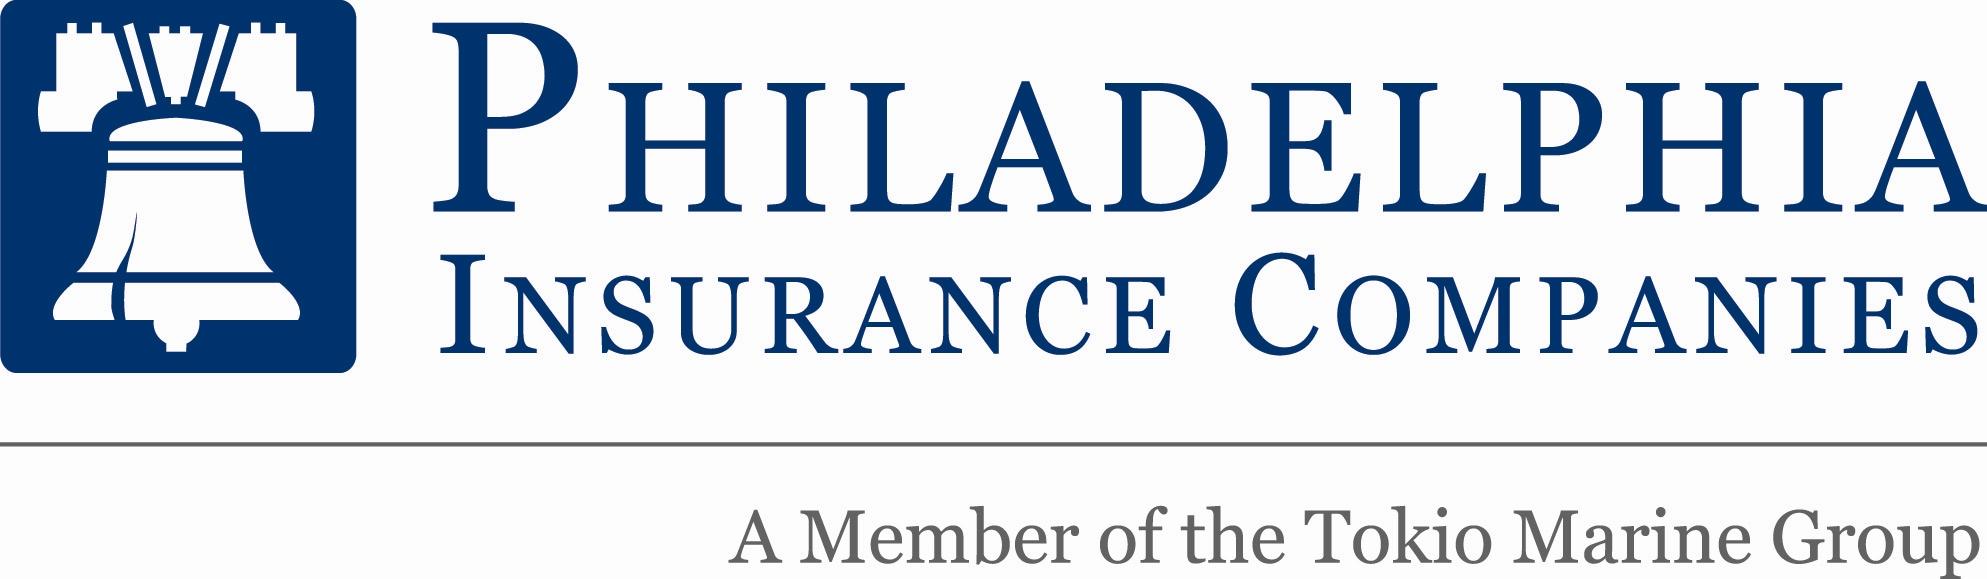 PhiladelphiaInsurancelogo.JPG